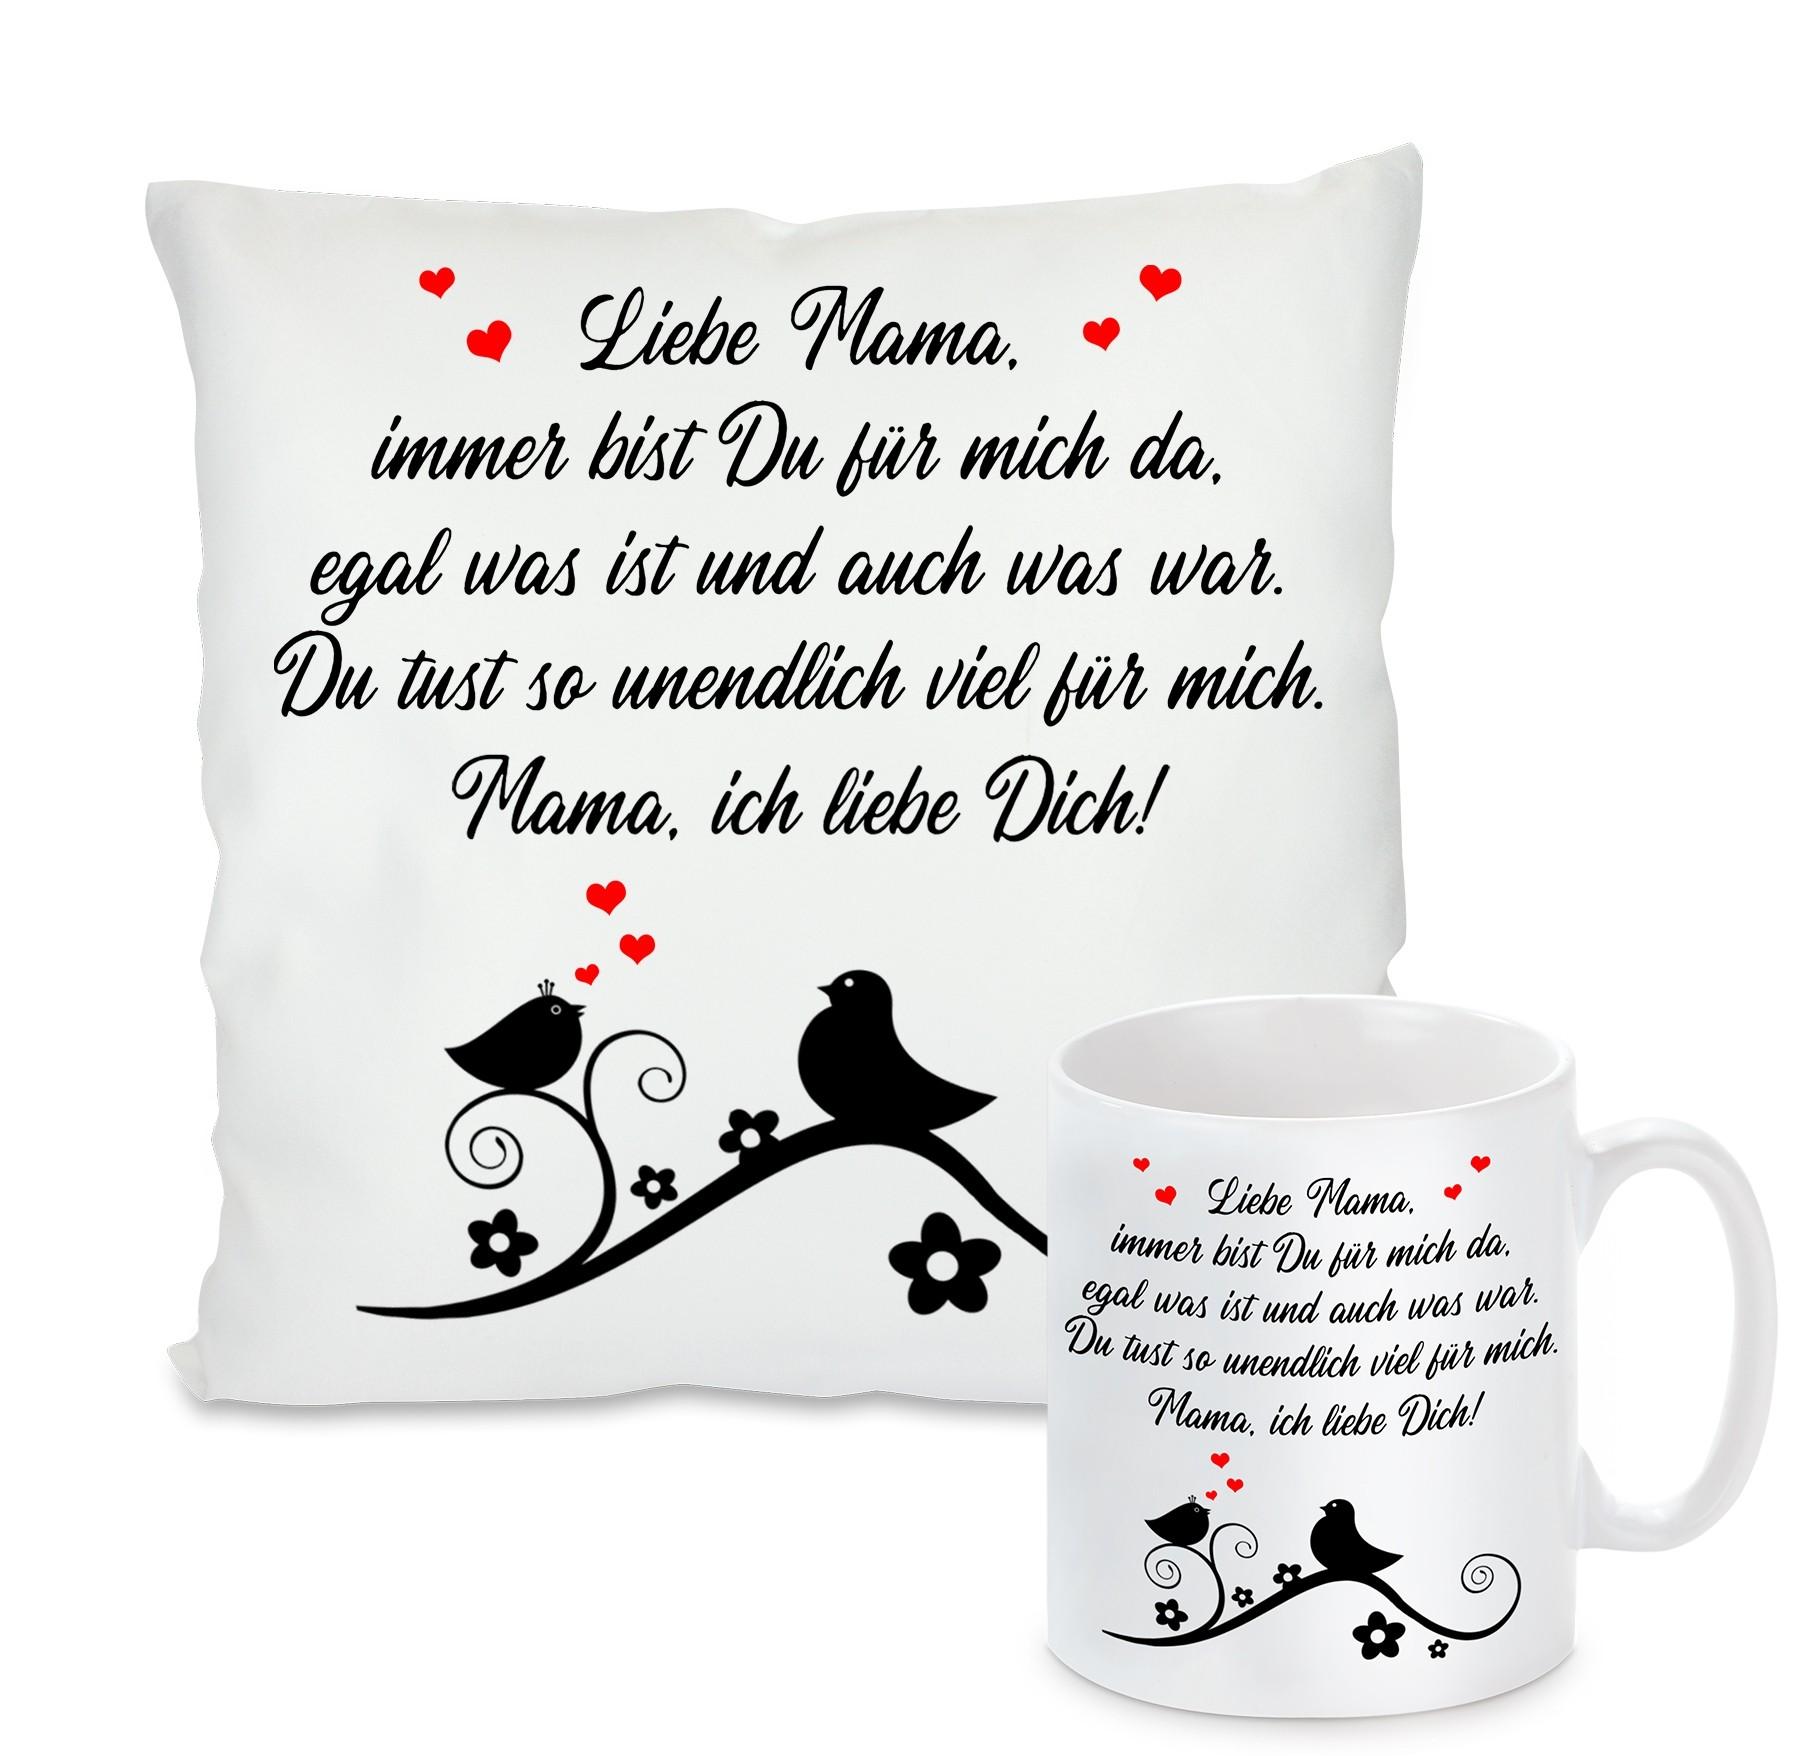 Kissen oder Tasse: Liebe Mama